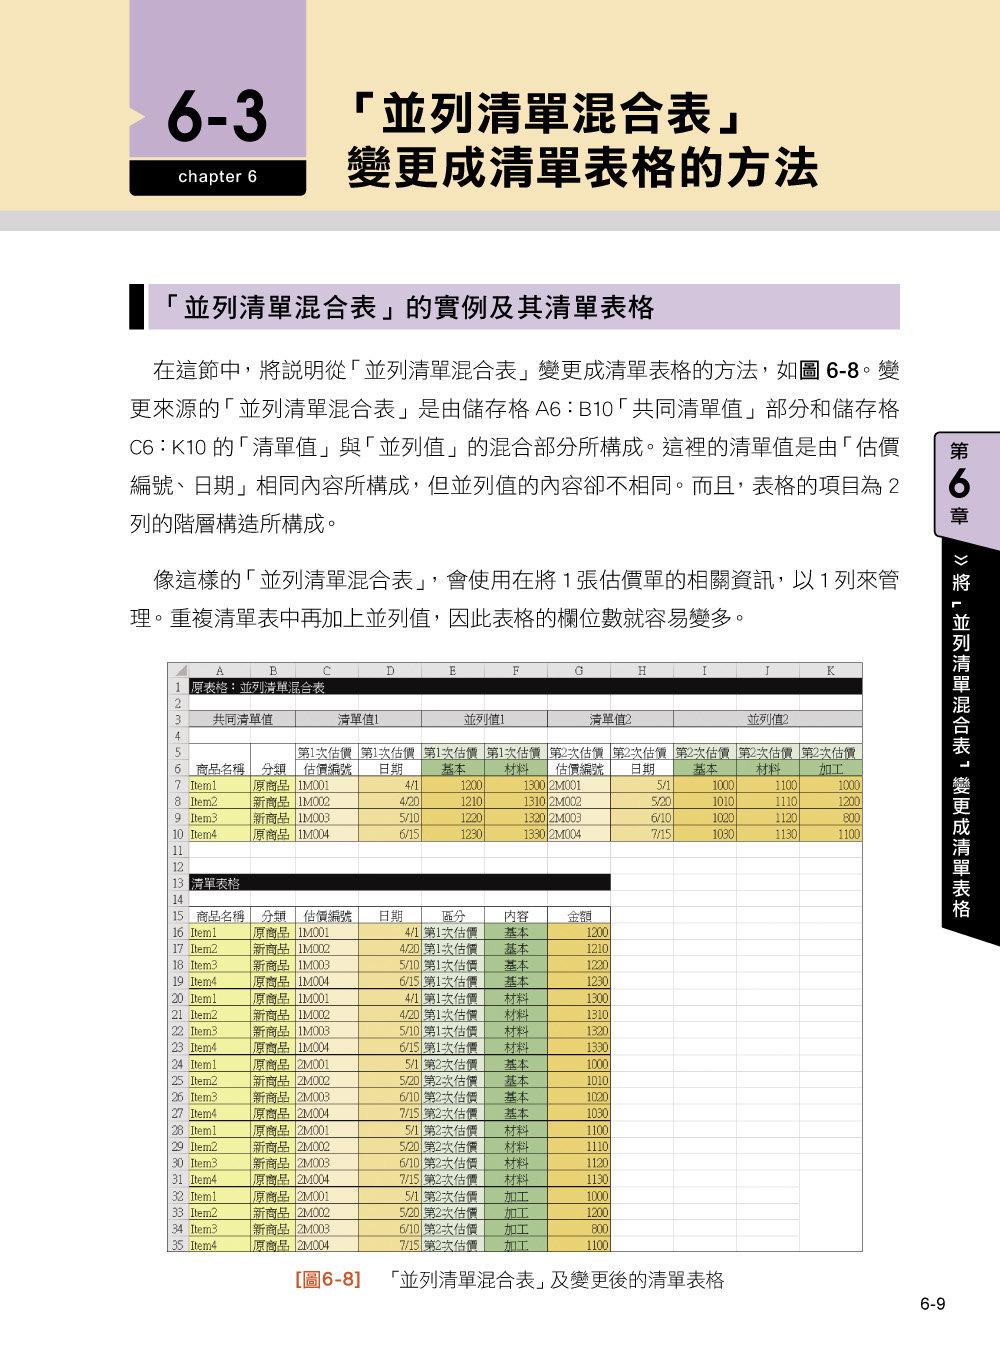 免寫程式!Excel 大量資料整理術:早知道這些技巧,樞紐分析不再抓狂-preview-7